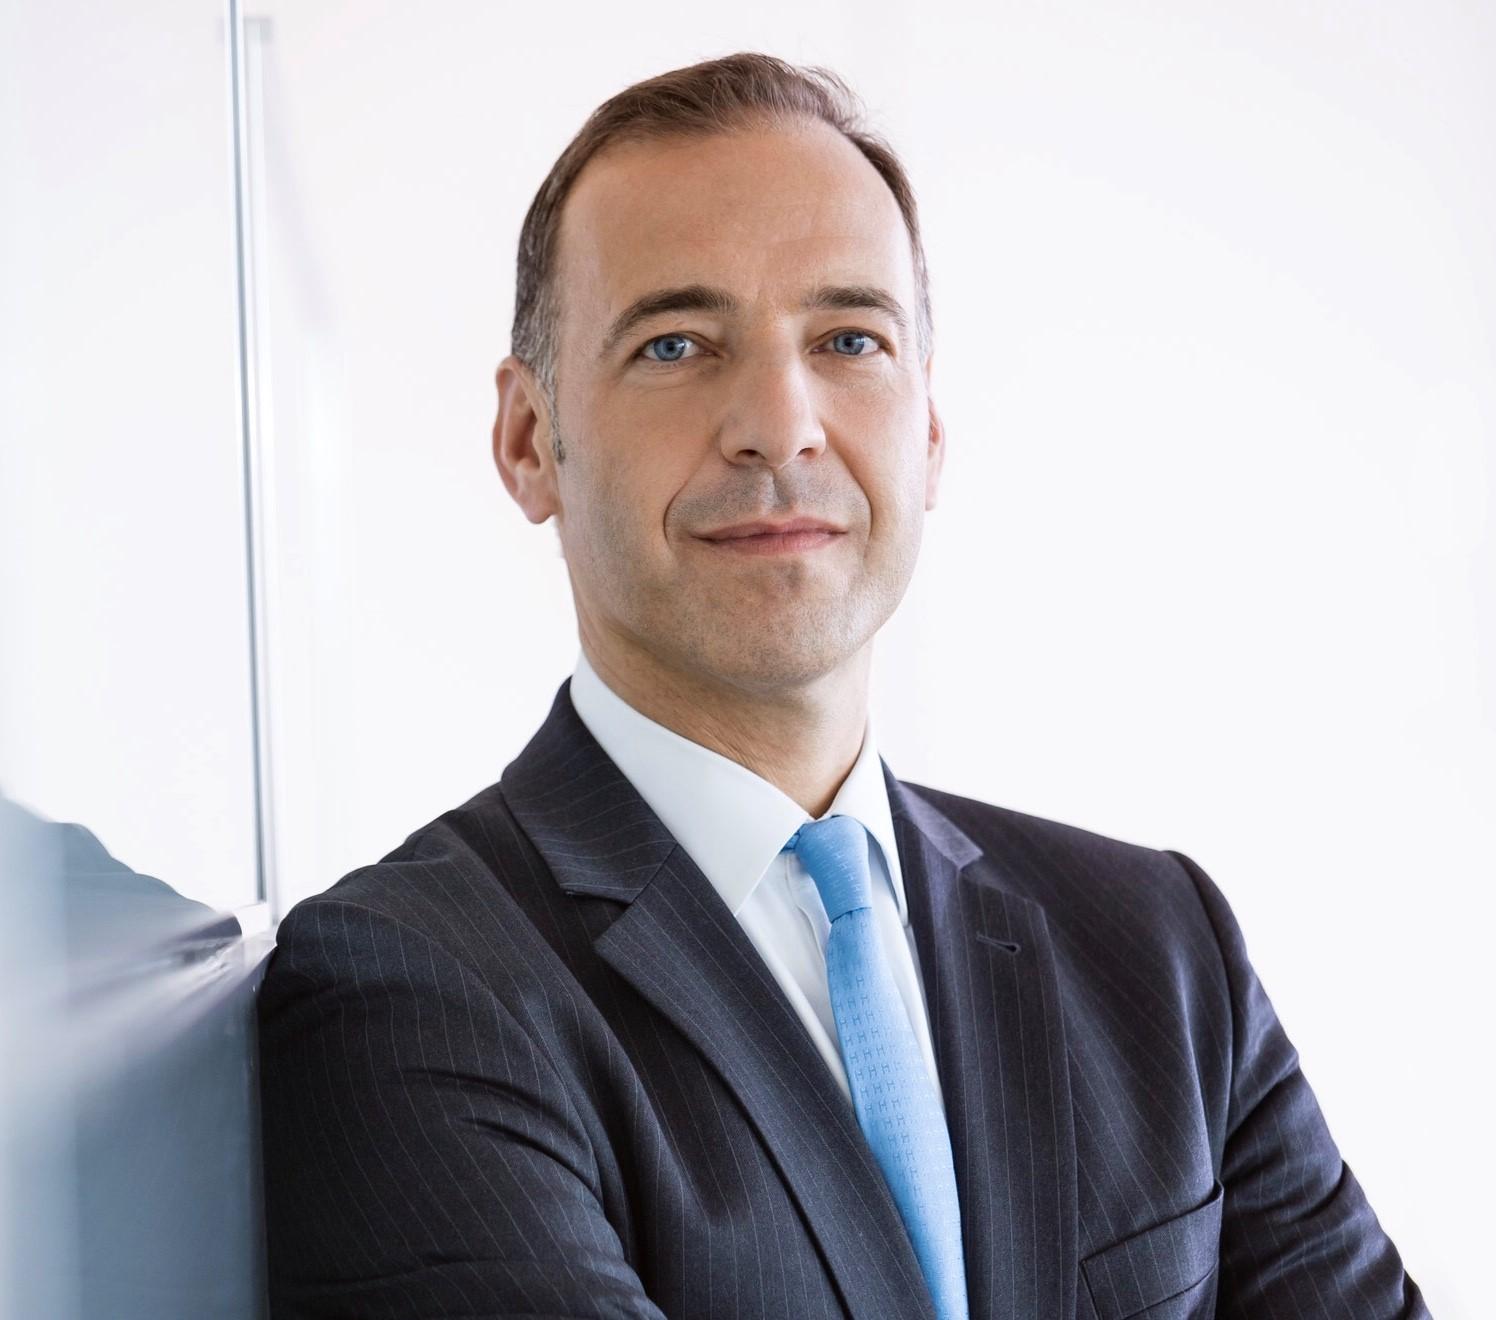 DAX mit stärkstem ersten Halbjahr seit 12 Jahren – Zwischenbilanz 2019